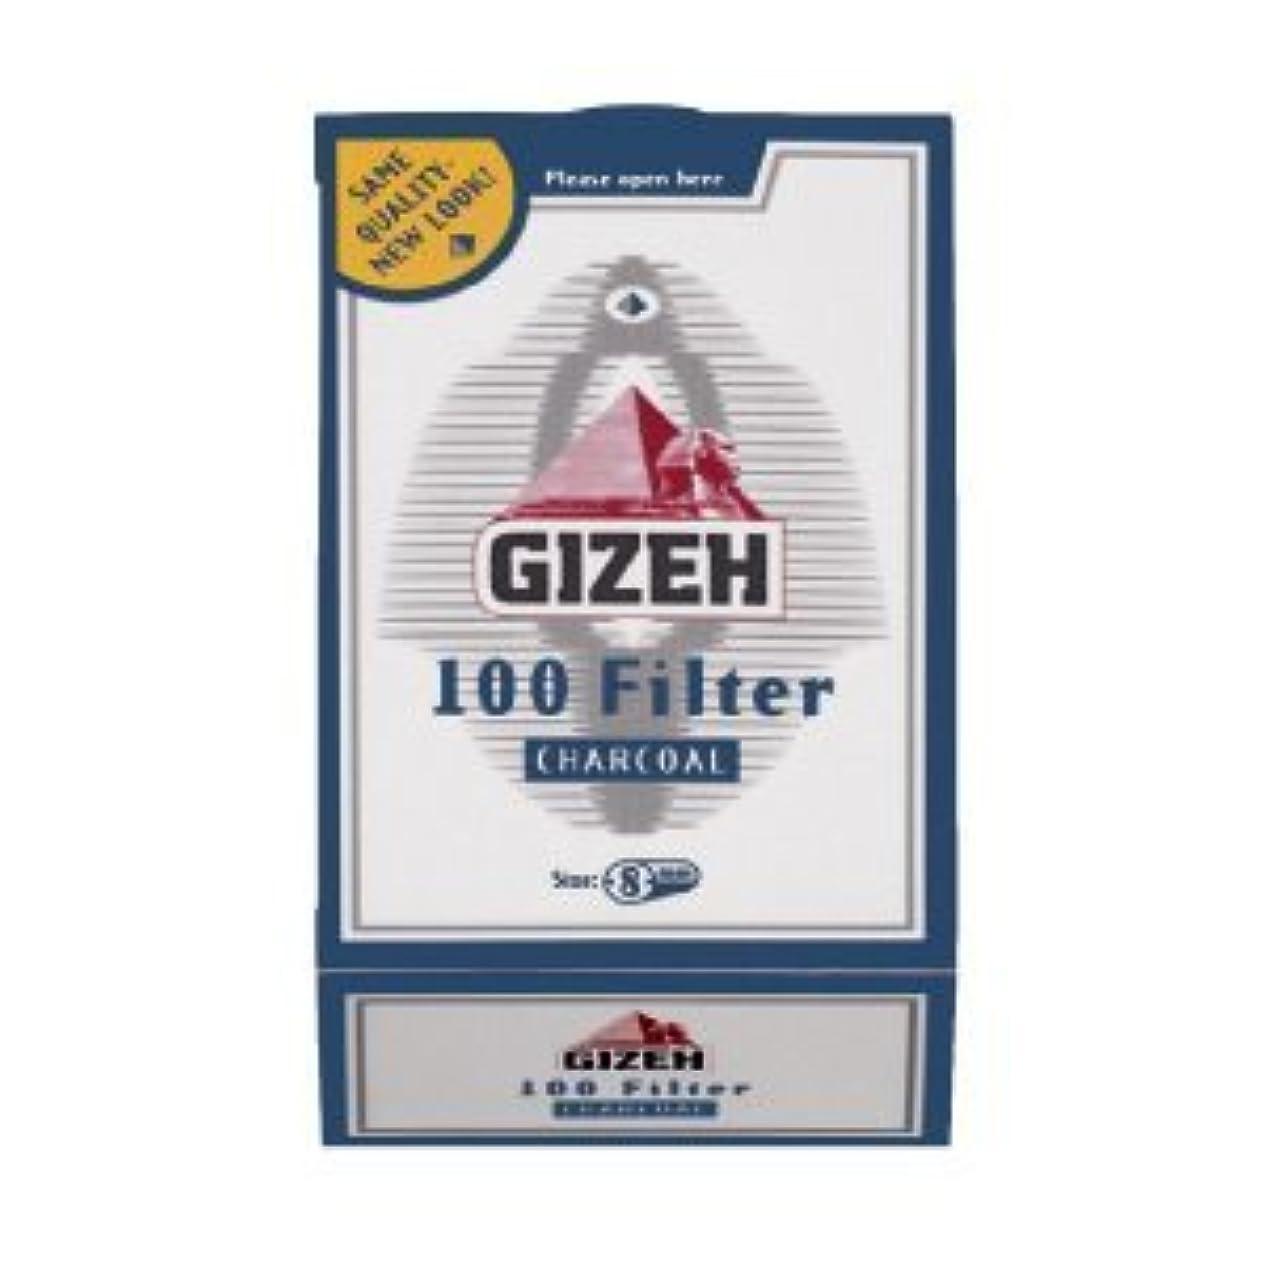 バース出会いフィードGIZEH(ギゼ) レギュラーチャコールフィルター 活性炭入り (直径8mm) 100個入り ×6箱パック 7-20011-30 手巻きタバコ 喫煙具